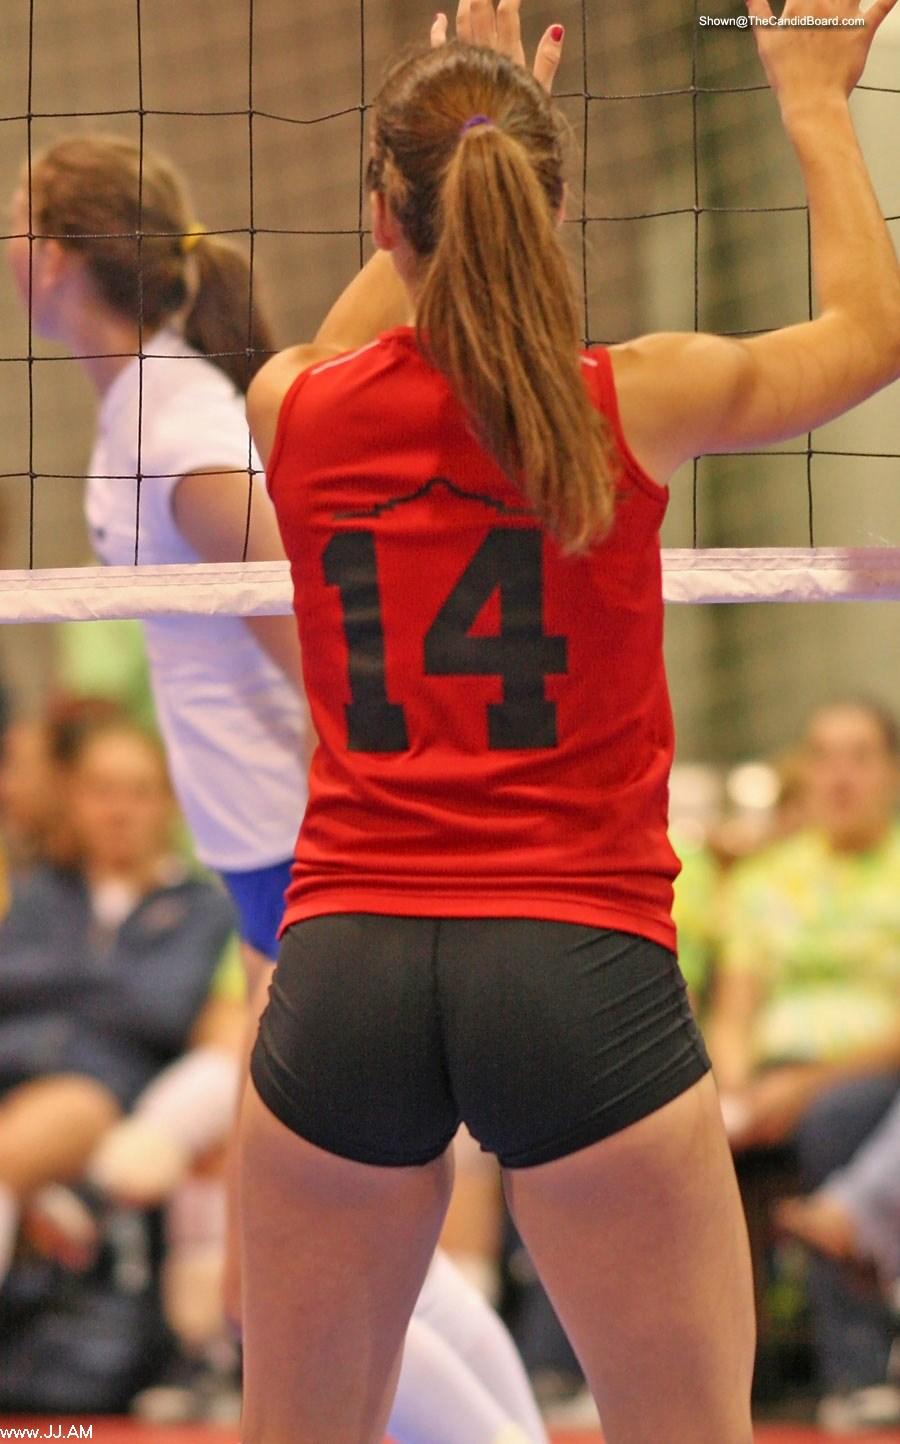 Трусики в волейболе фото 1 фотография